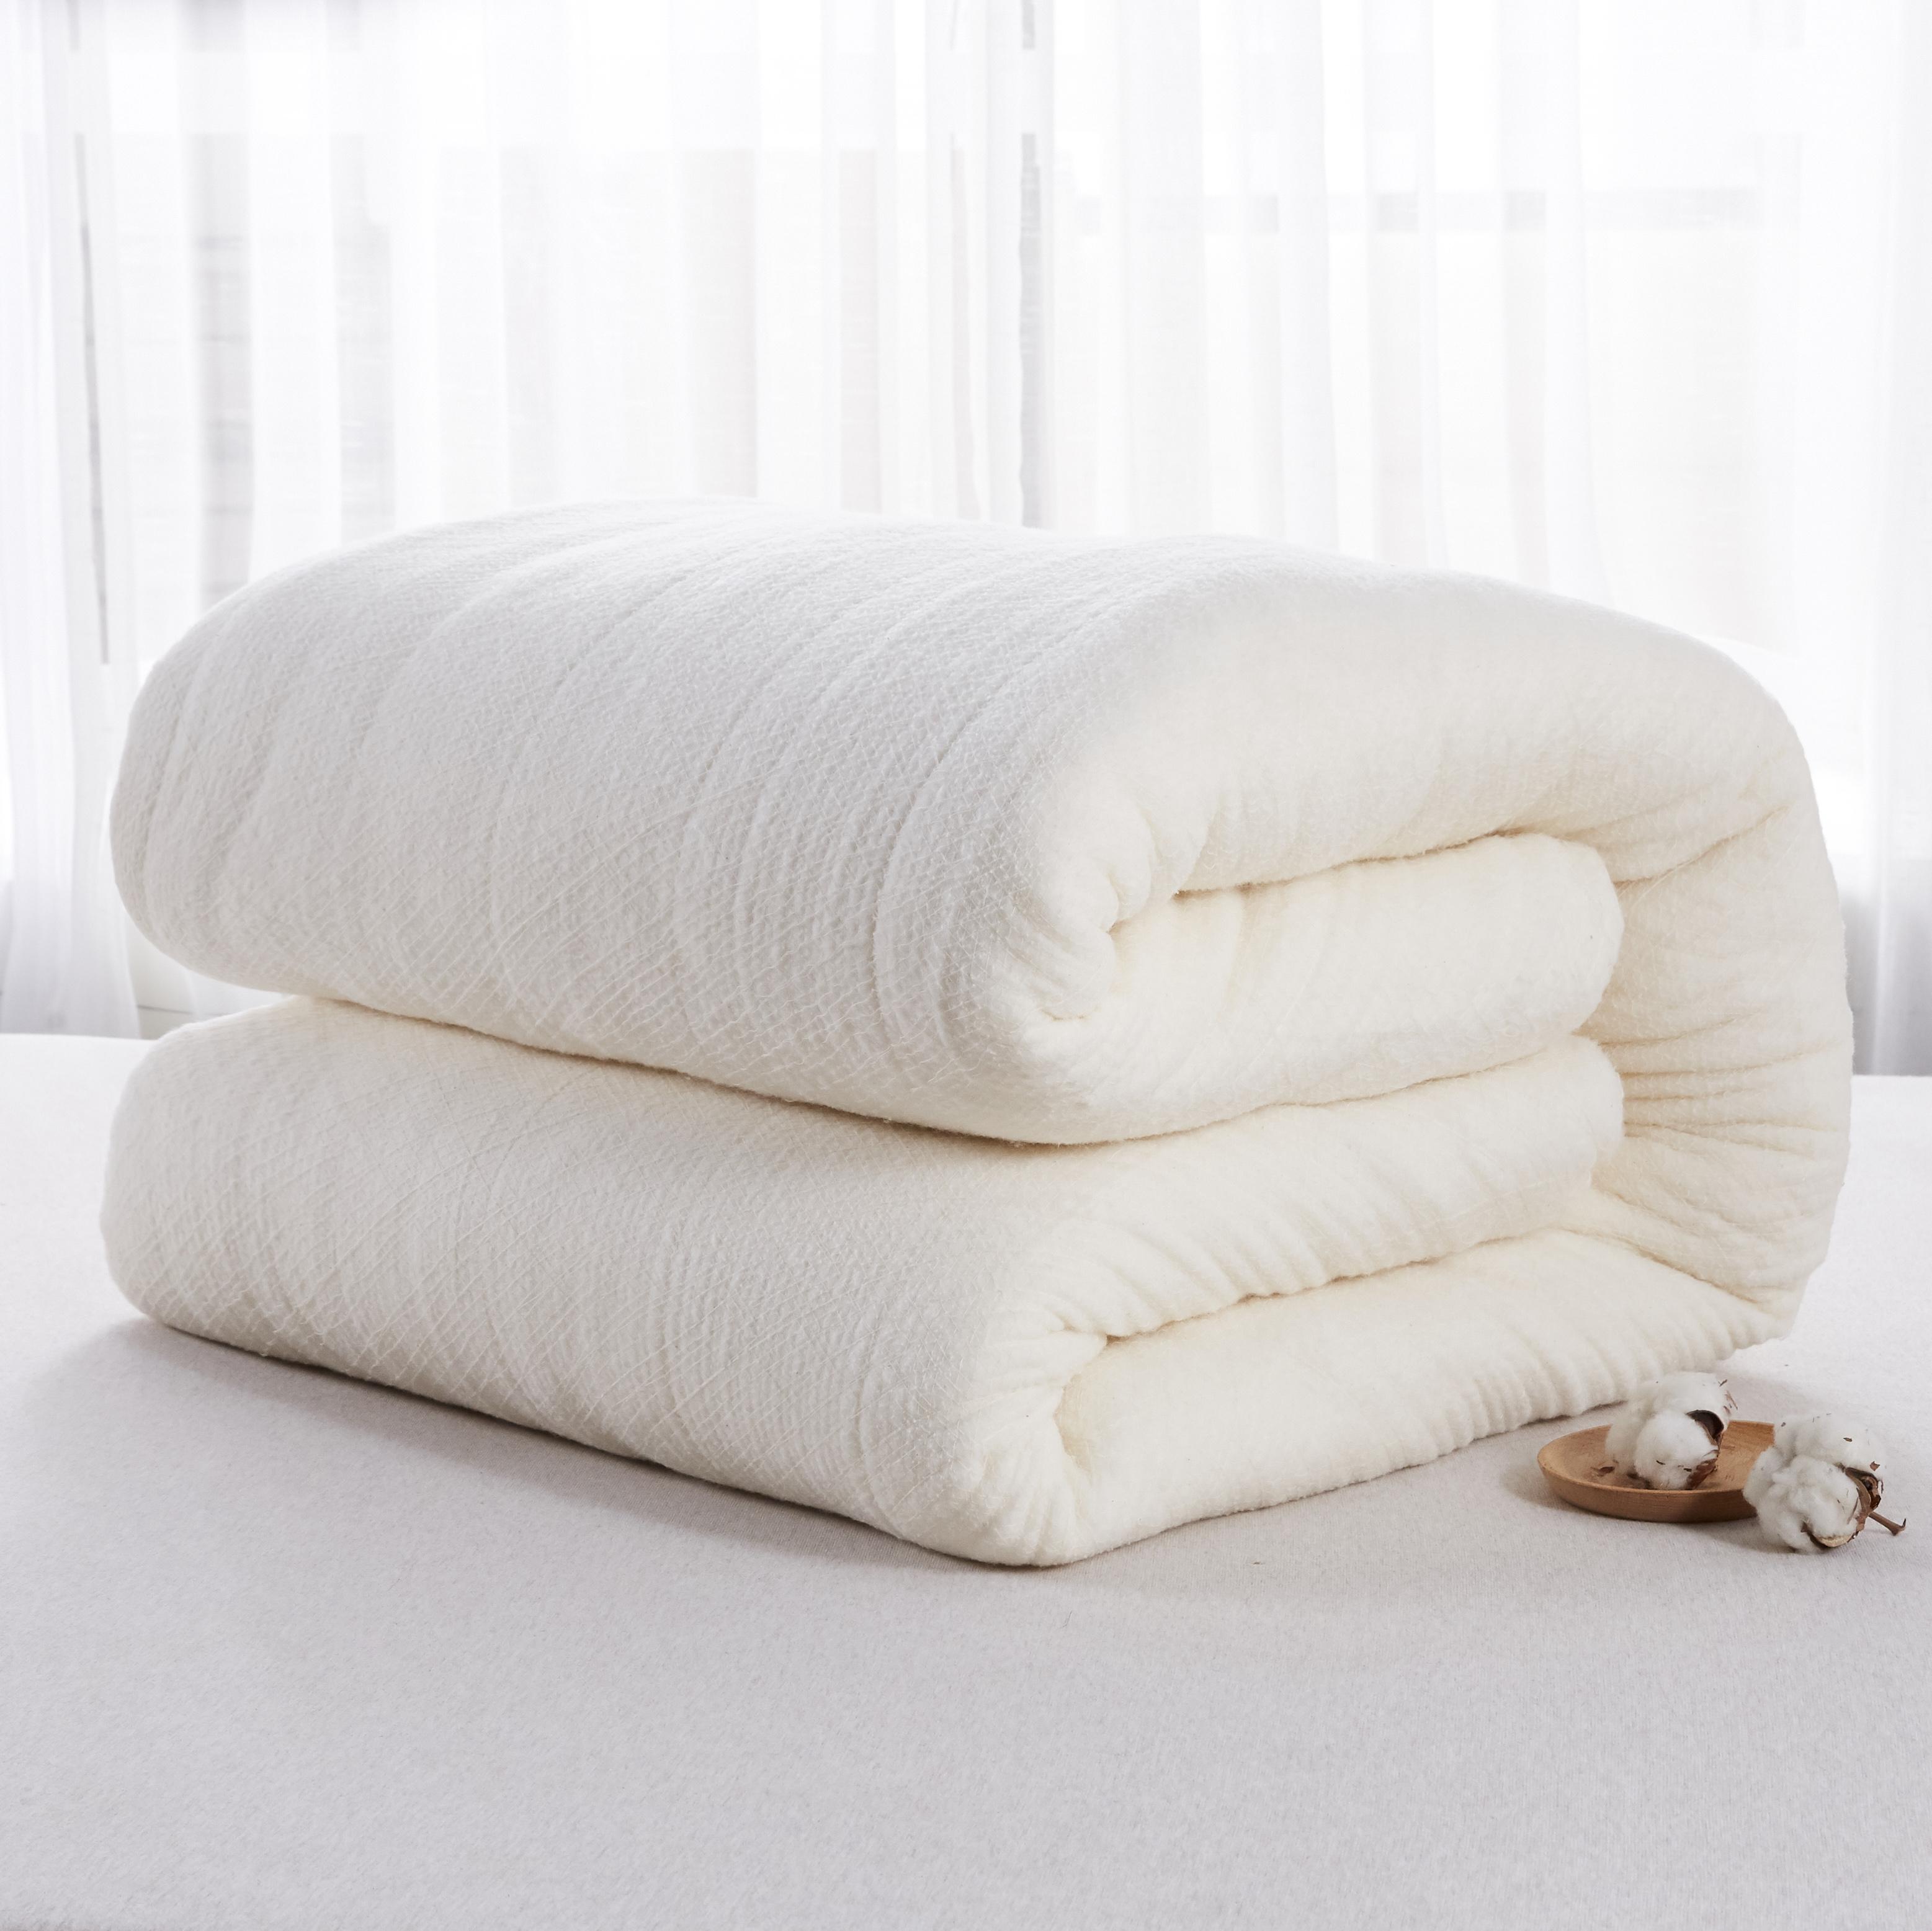 围网棉花被单双人学生棉絮被芯 全网比价清仓处理 新疆棉花被